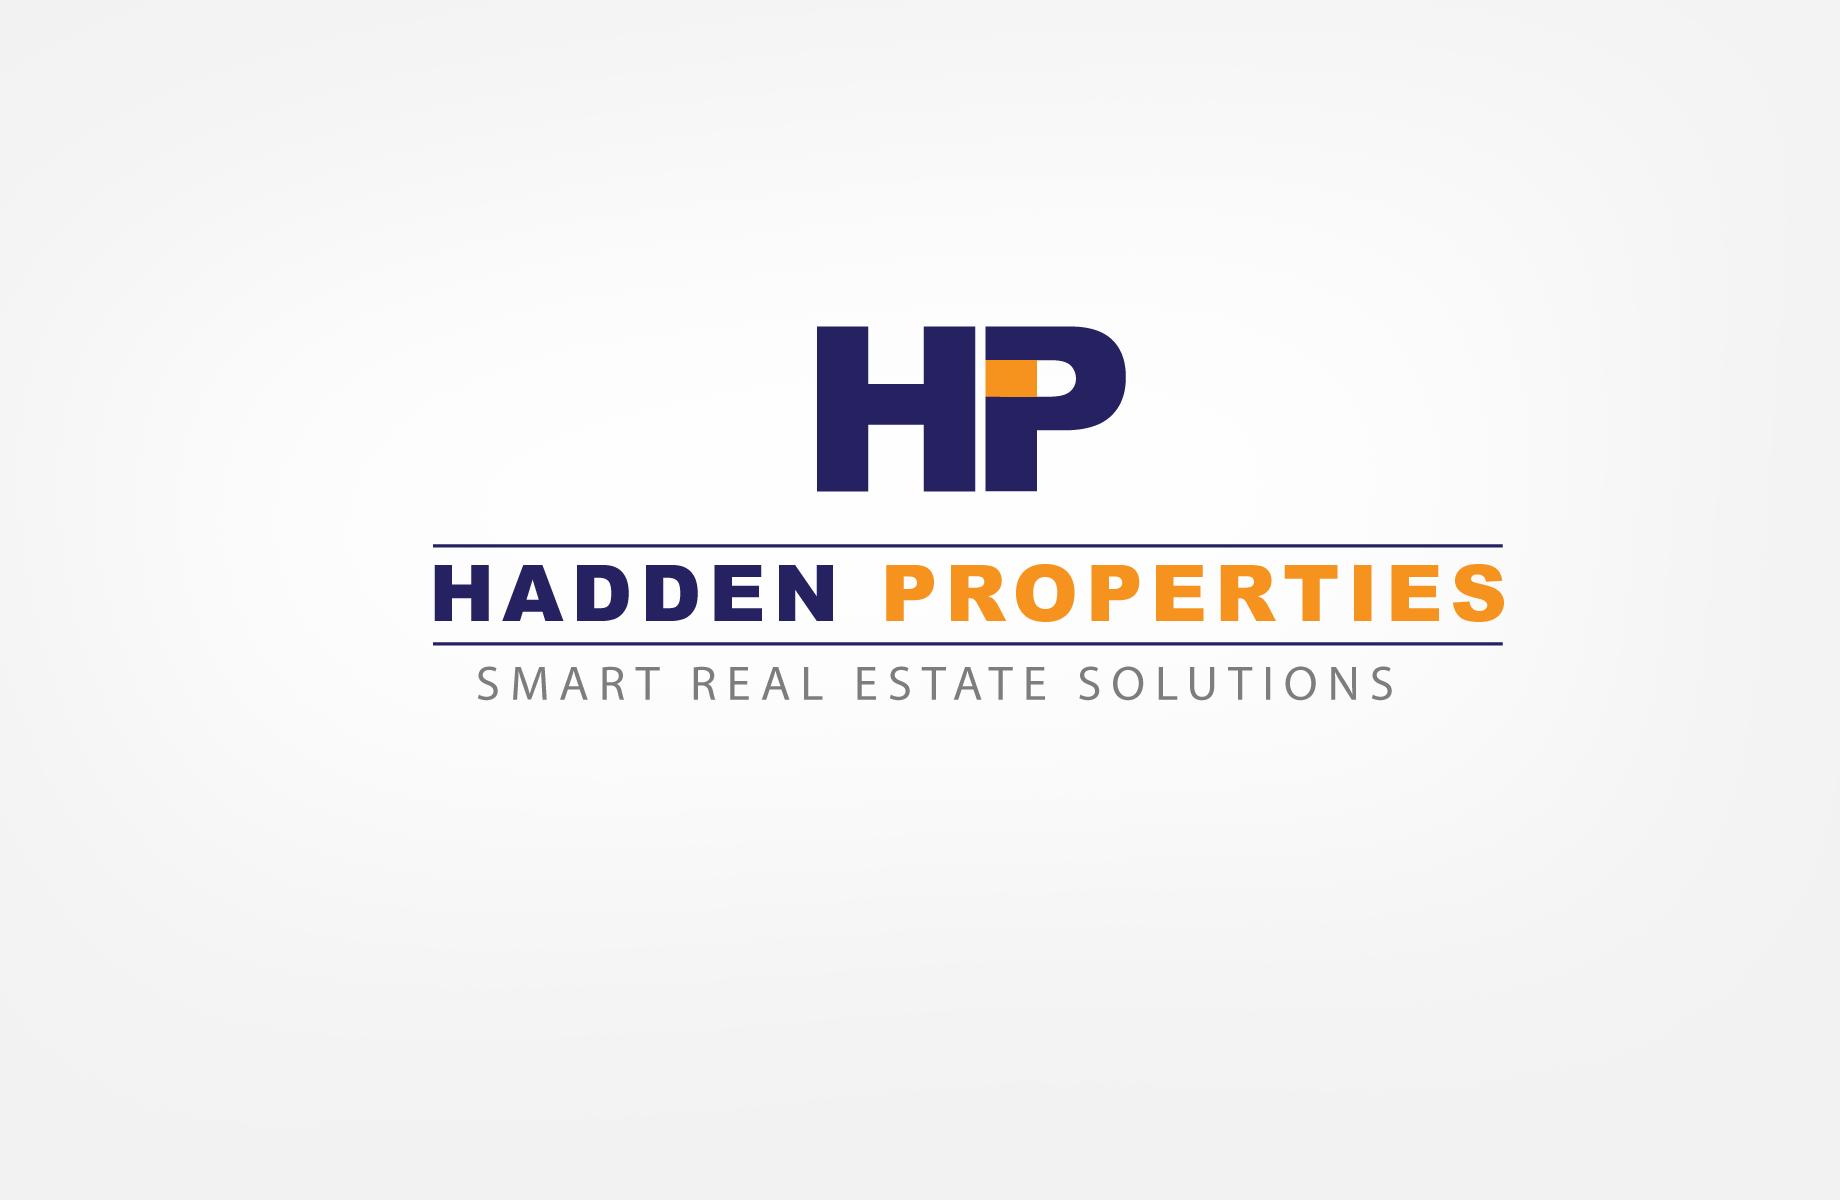 Logo Design by Jan Chua - Entry No. 137 in the Logo Design Contest Artistic Logo Design for Hadden Properties.